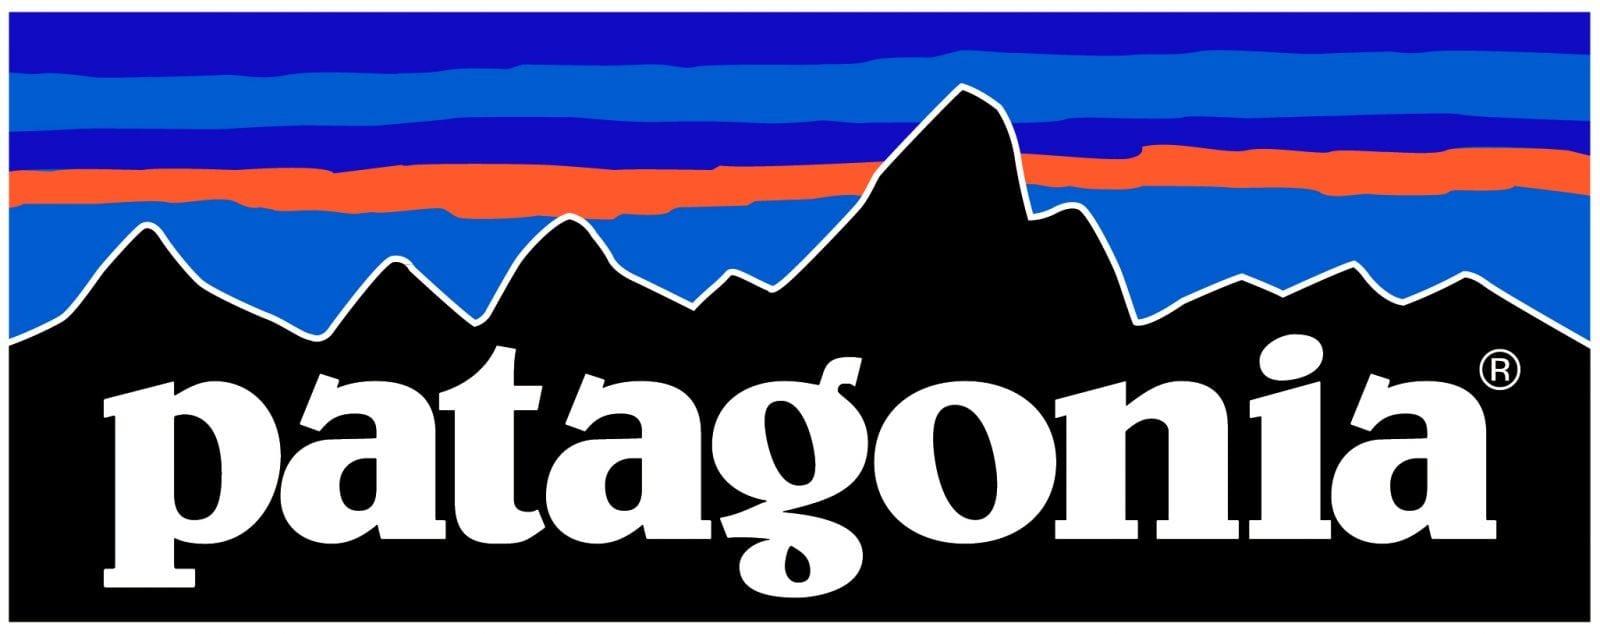 patagonia-ocean-blue-sponsor-logo